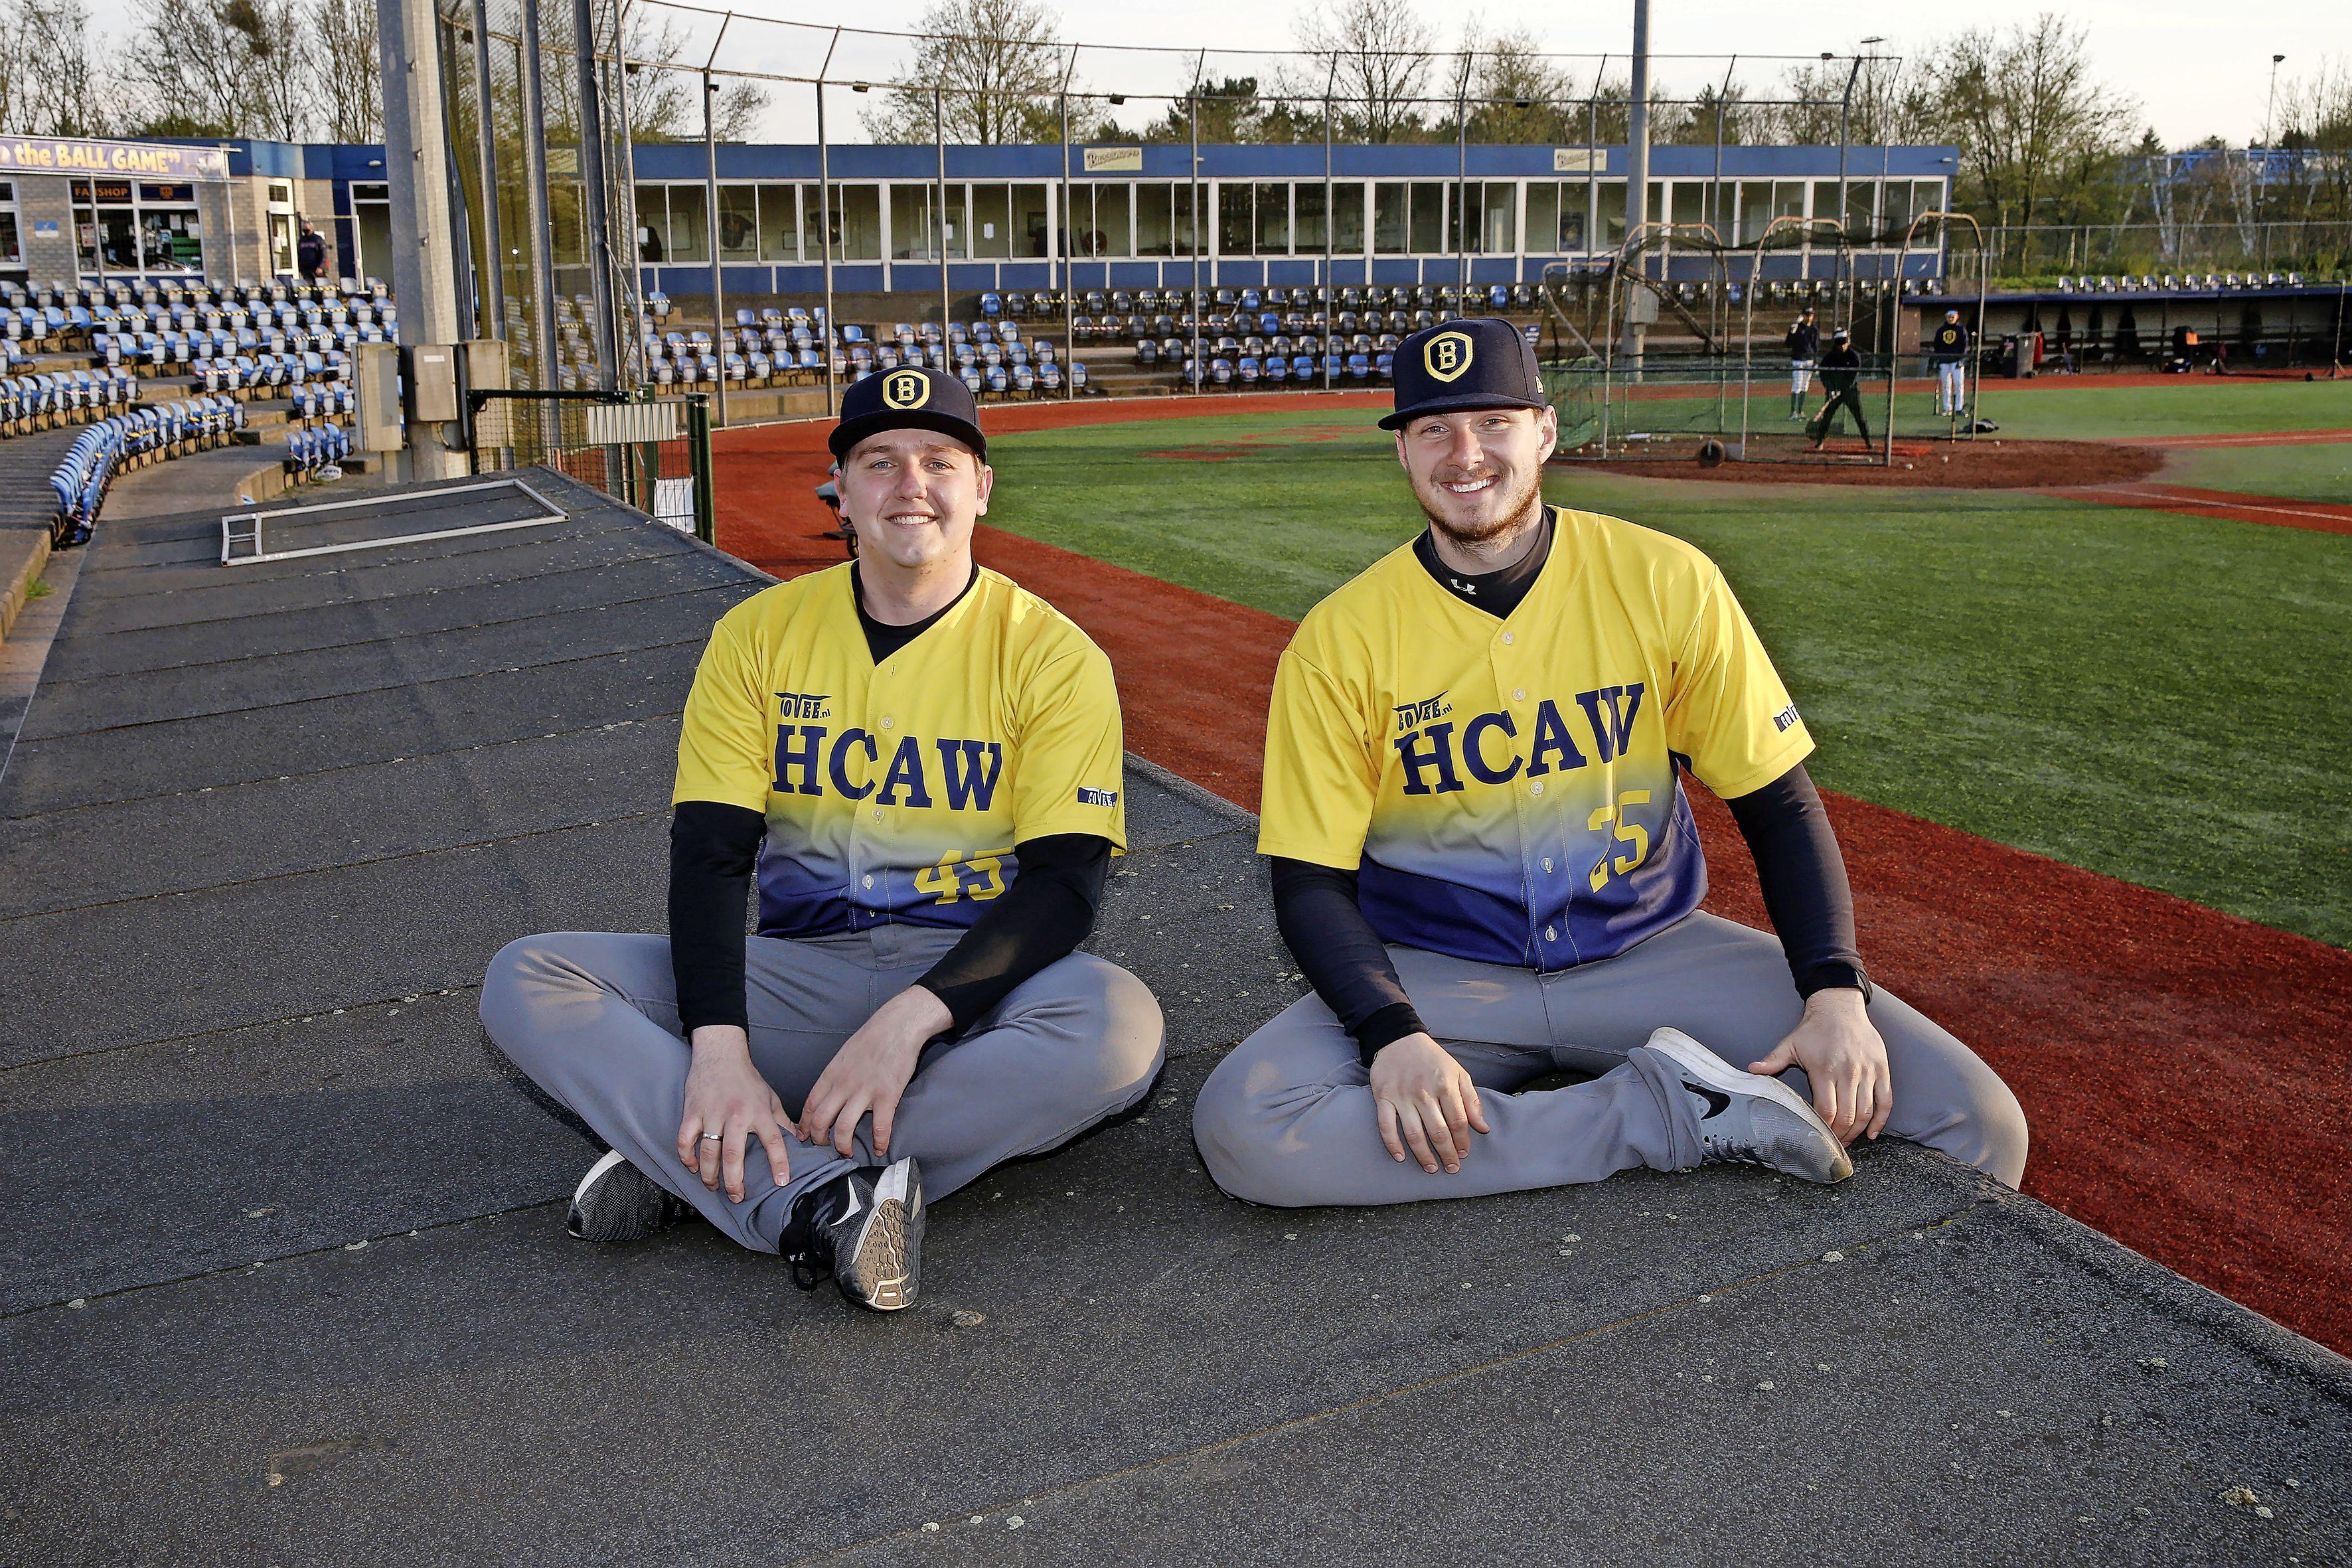 'Toen ik na vorig seizoen hoorde wie er bij HCAW allemaal bij kwamen, vond ik dat het wel een heel gave kans om de topteams aan te vallen'